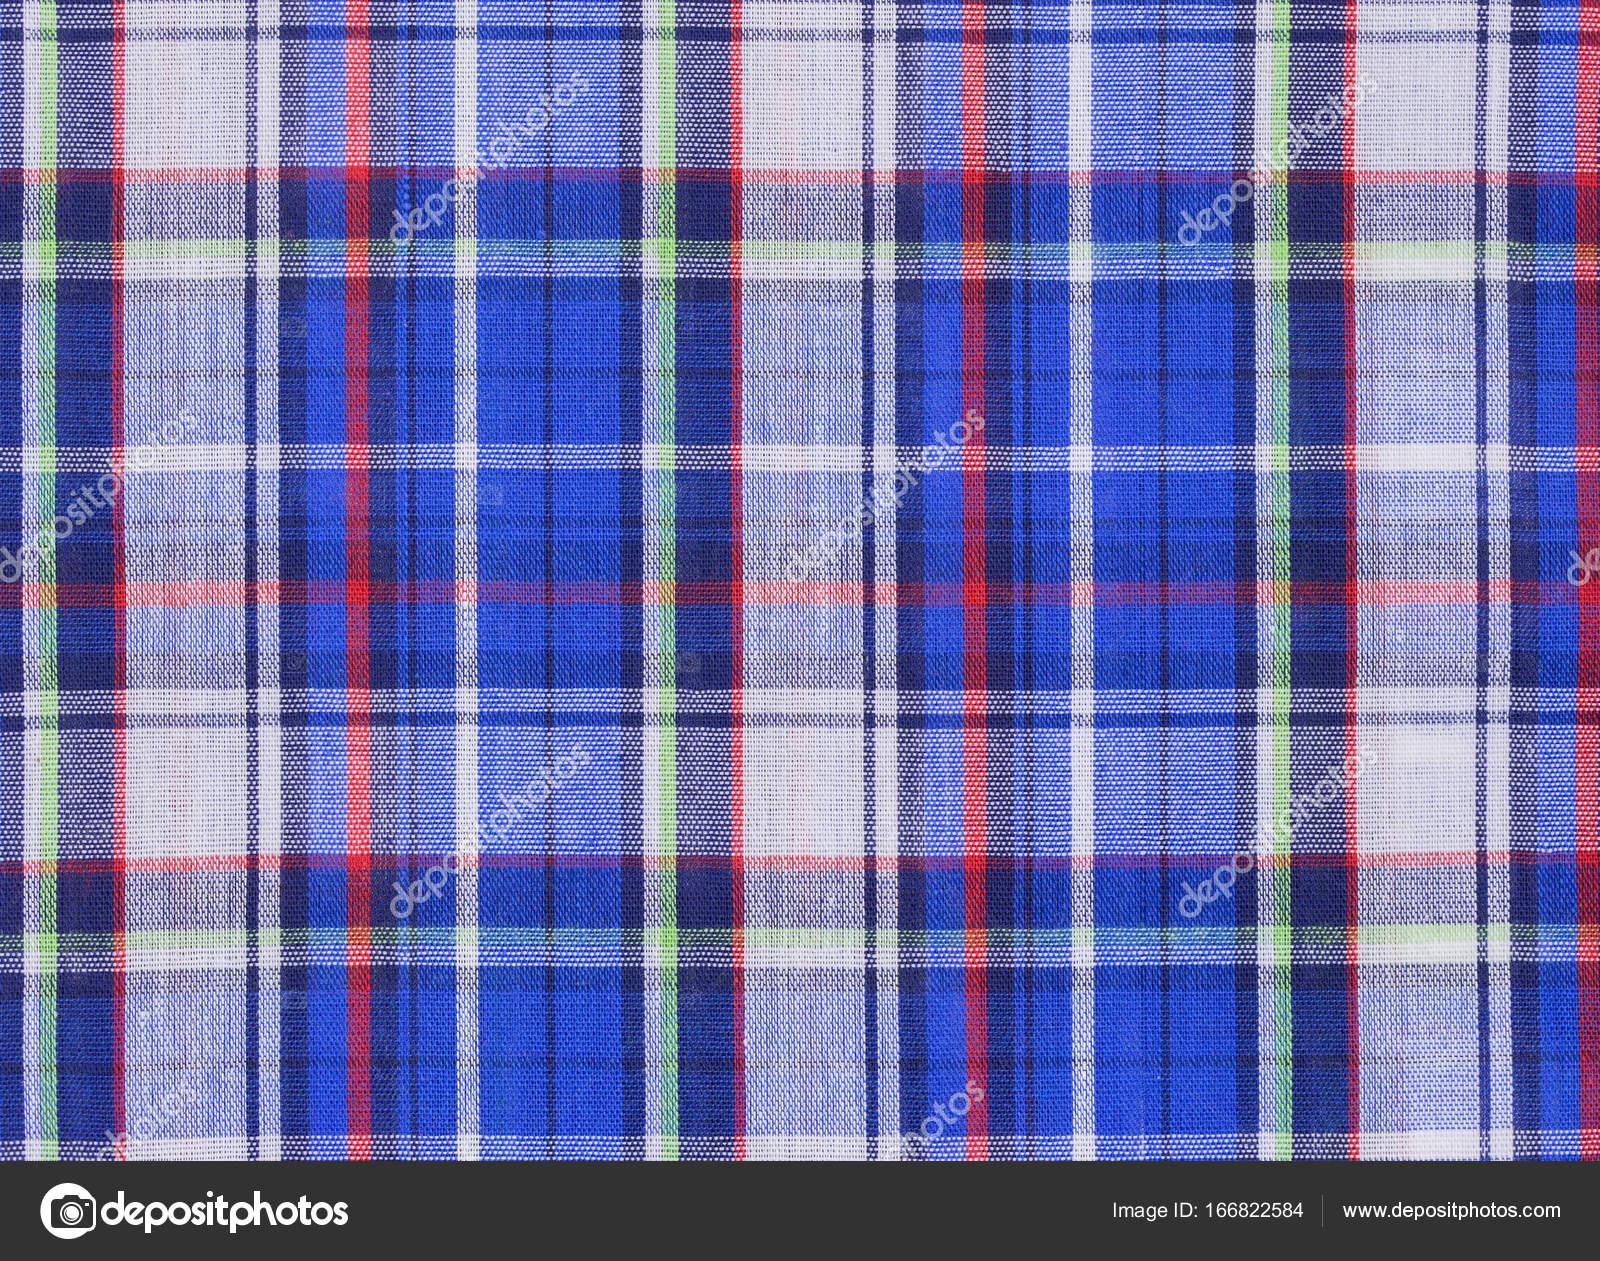 be513fad08 textura xadrez tecido — Fotografias de Stock © studio306stock #166822584